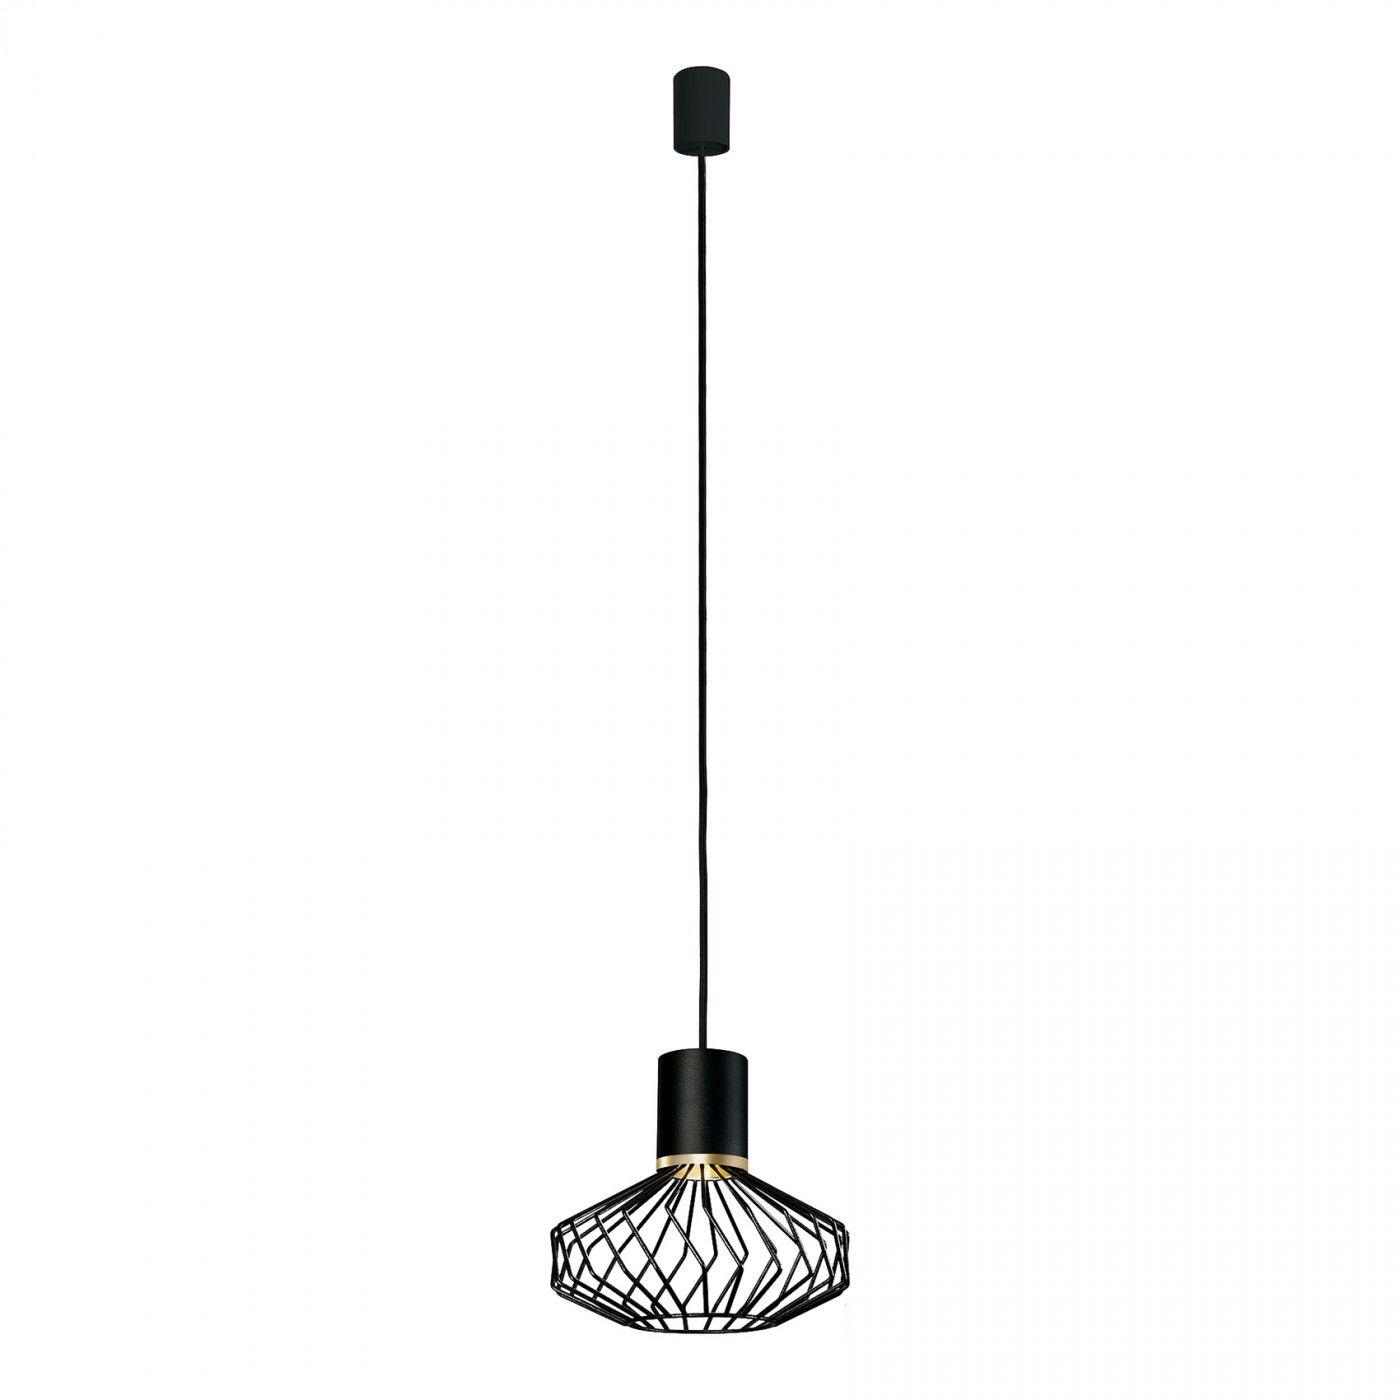 Lampa wisząca Pico 8862 BL/G Nowodvorski Lighting pojedyncza czarno-złota oprawa w dekoracyjnym stylu